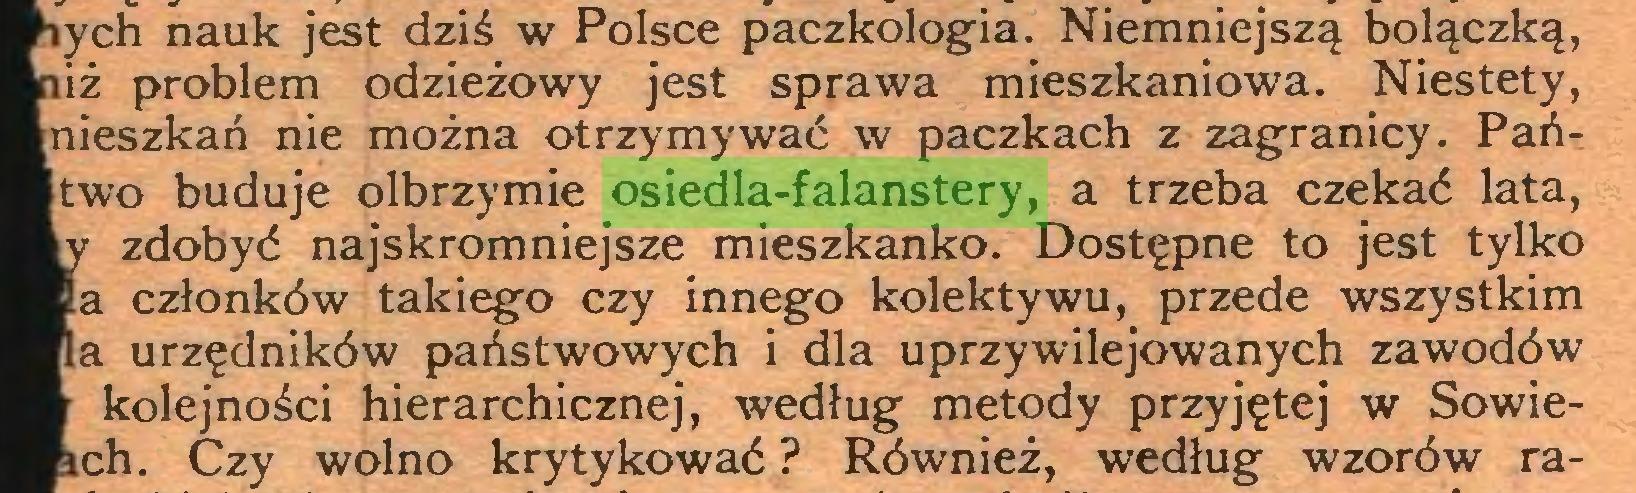 (...) ych nauk jest dziś w Polsce paczkologia. Niemniejszą bolączką, iż problem odzieżowy jest sprawa mieszkaniowa. Niestety, nieszkań nie można otrzymywać w paczkach z zagranicy. Pańtwo buduje olbrzymie osiedla-falanstery, a trzeba czekać lata, zdobyć najskromniejsze mieszkanko. Dostępne to jest tylko a członków takiego czy innego kolektywu, przede wszystkim a urzędników państwowych i dla uprzywilejowanych zawodów kolejności hierarchicznej, według metody przyjętej w Sowiech. Czy wolno krytykować ? Również, według wzorów ra...